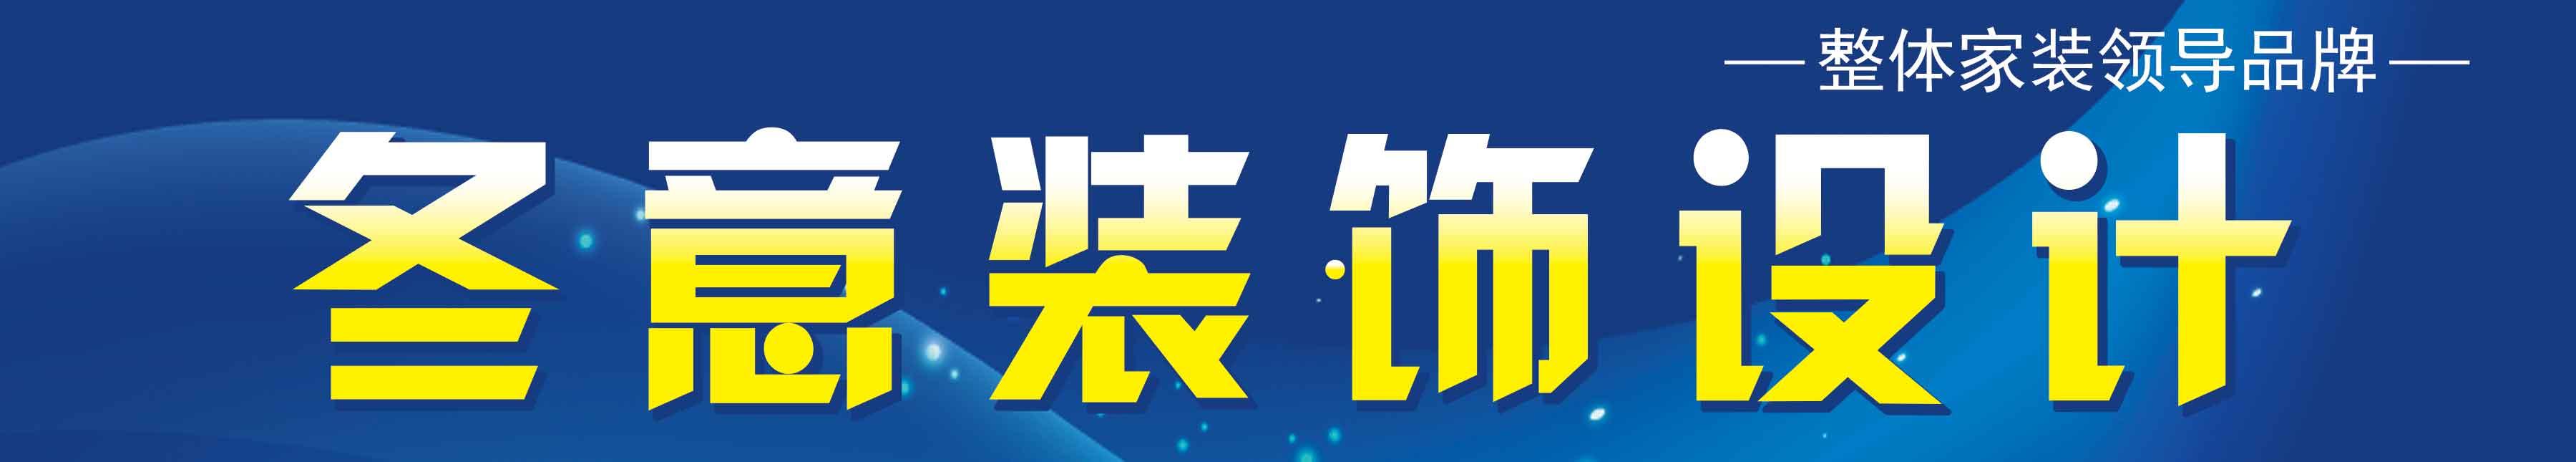 重庆市冬意装饰设计工程有限公司